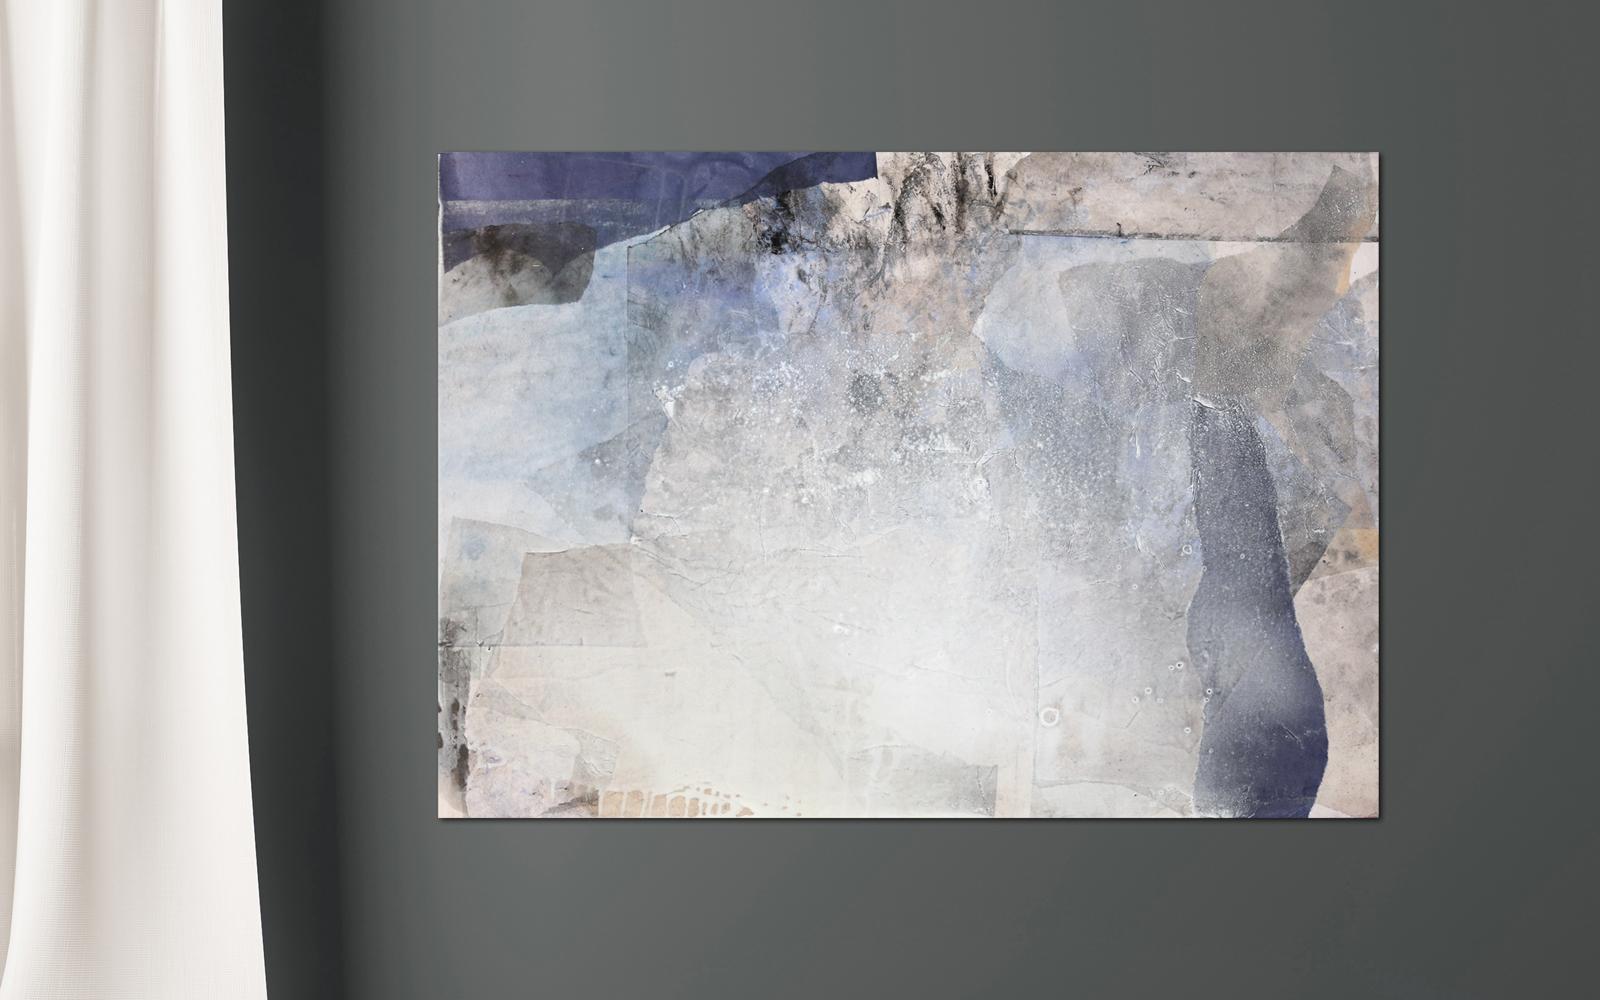 zeitgenössische collage in Blautönen